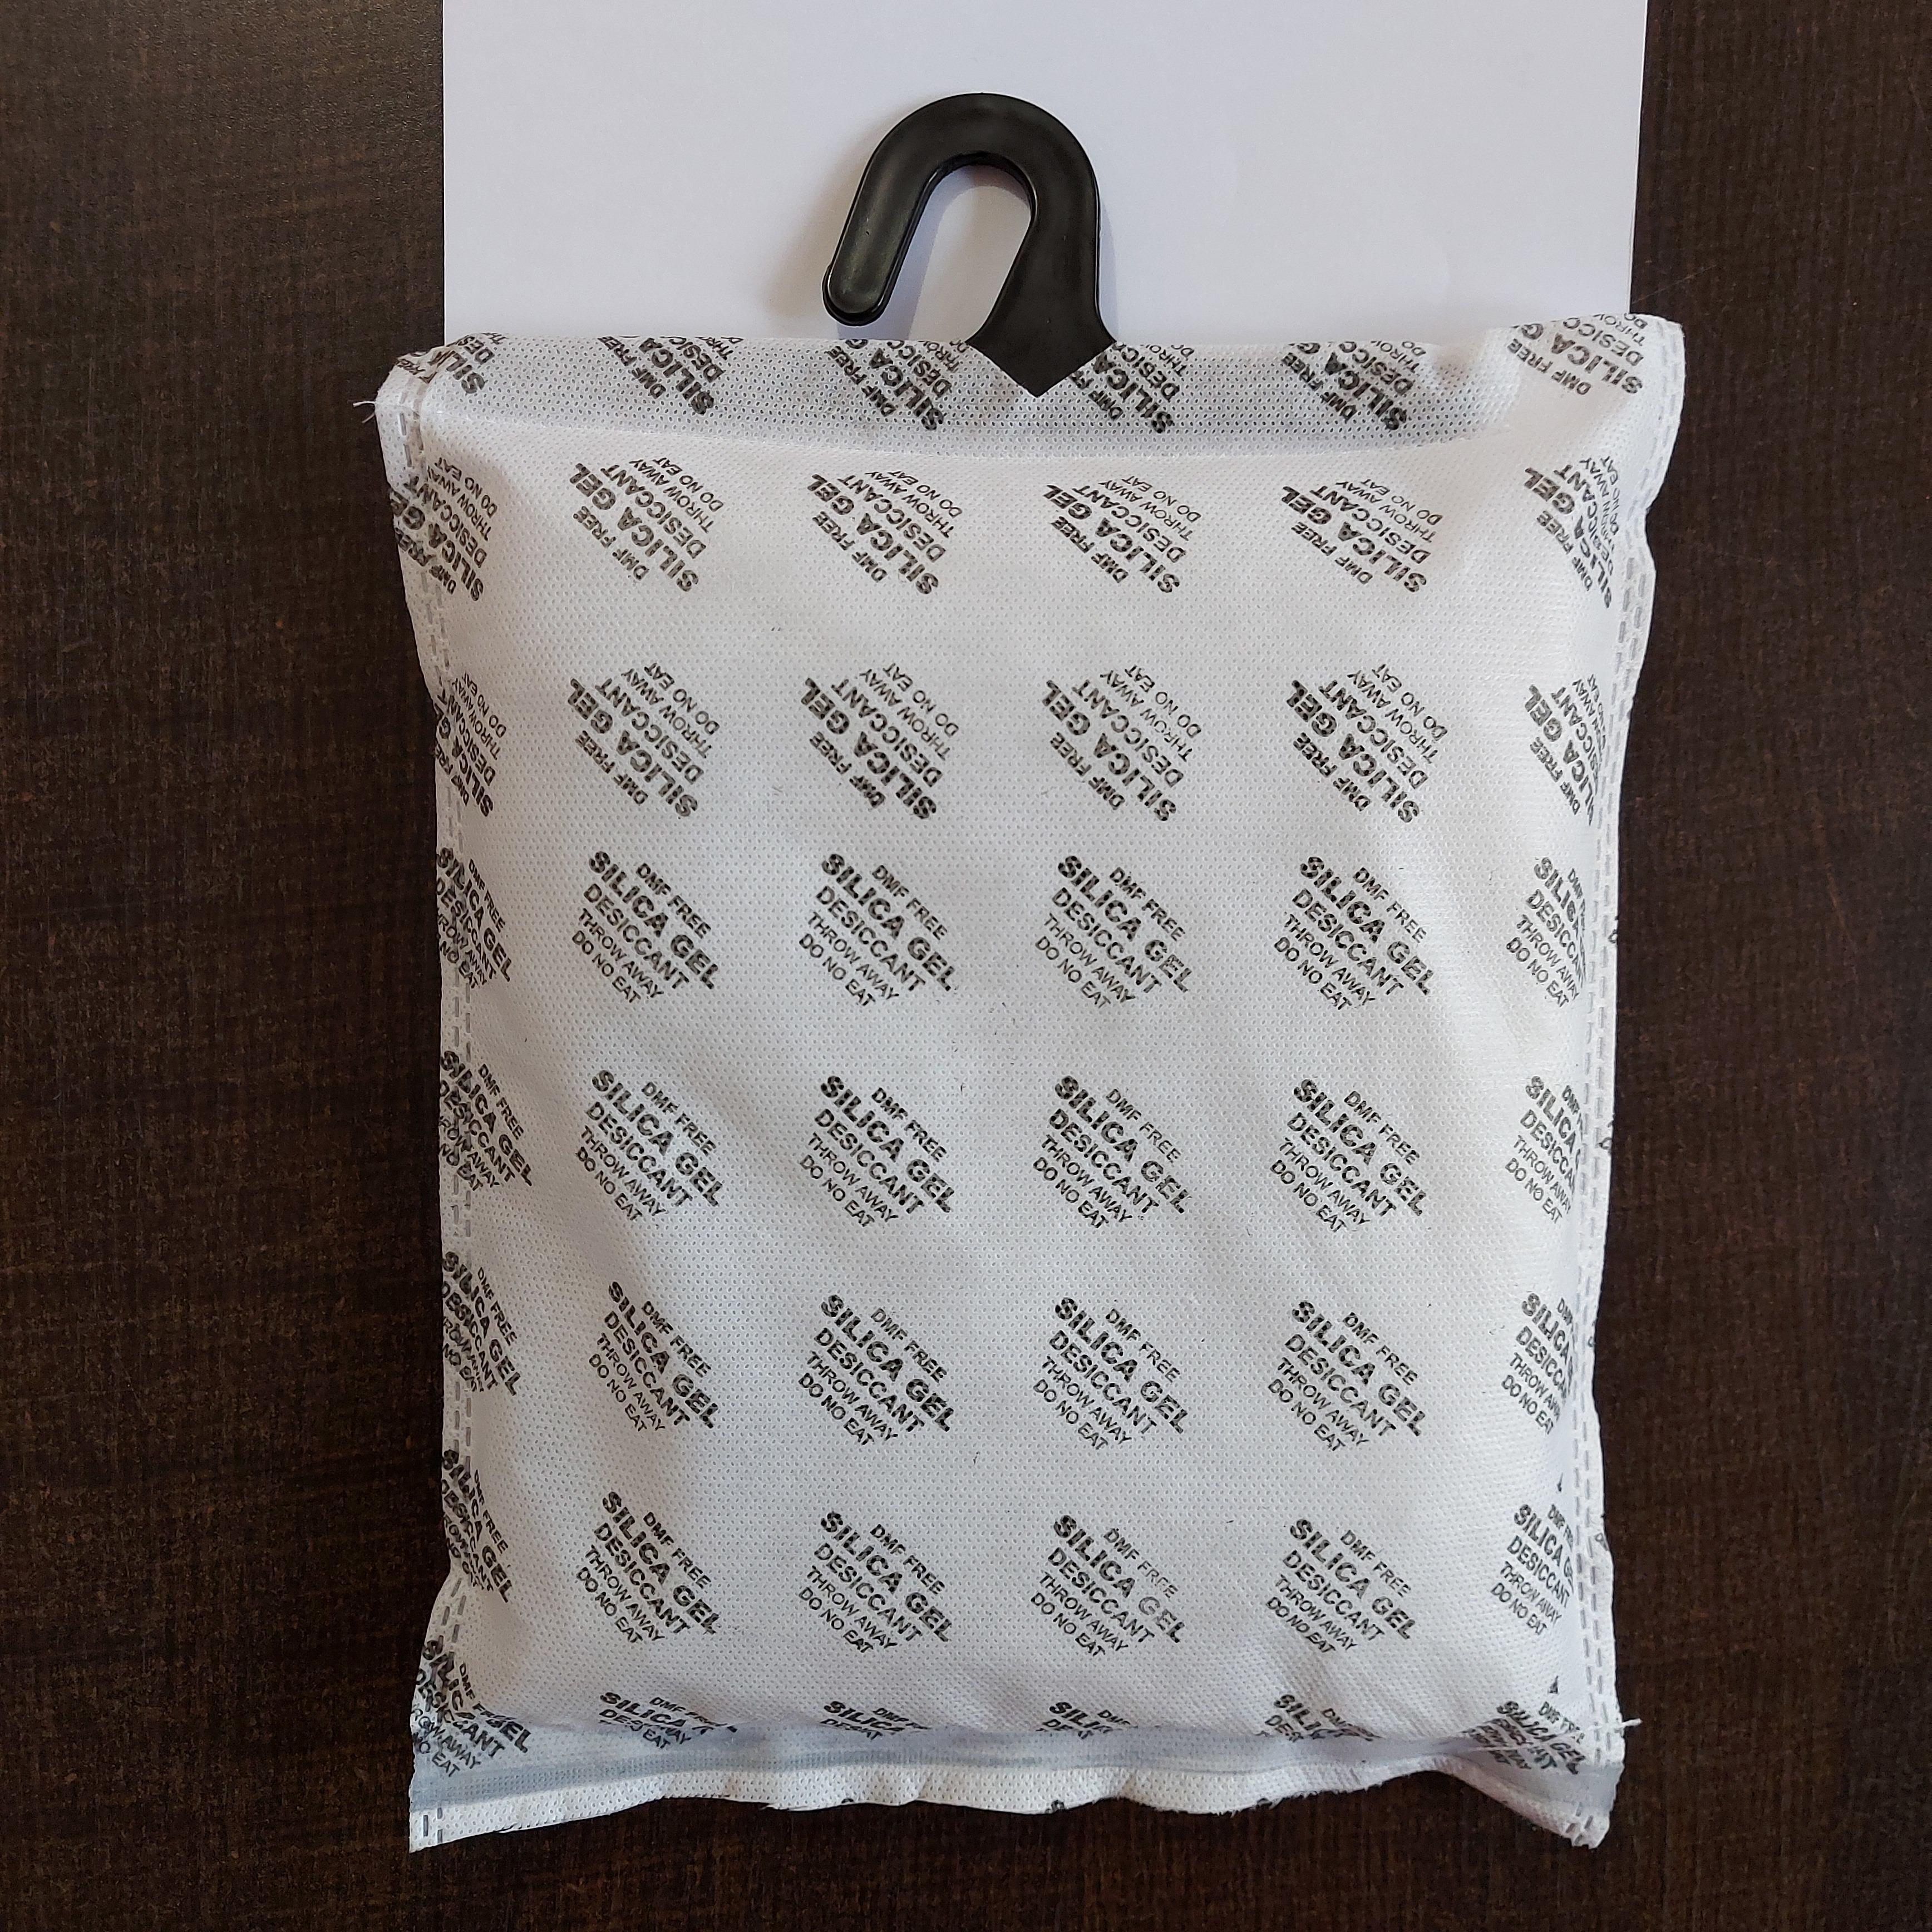 1kg Silica gel pouch